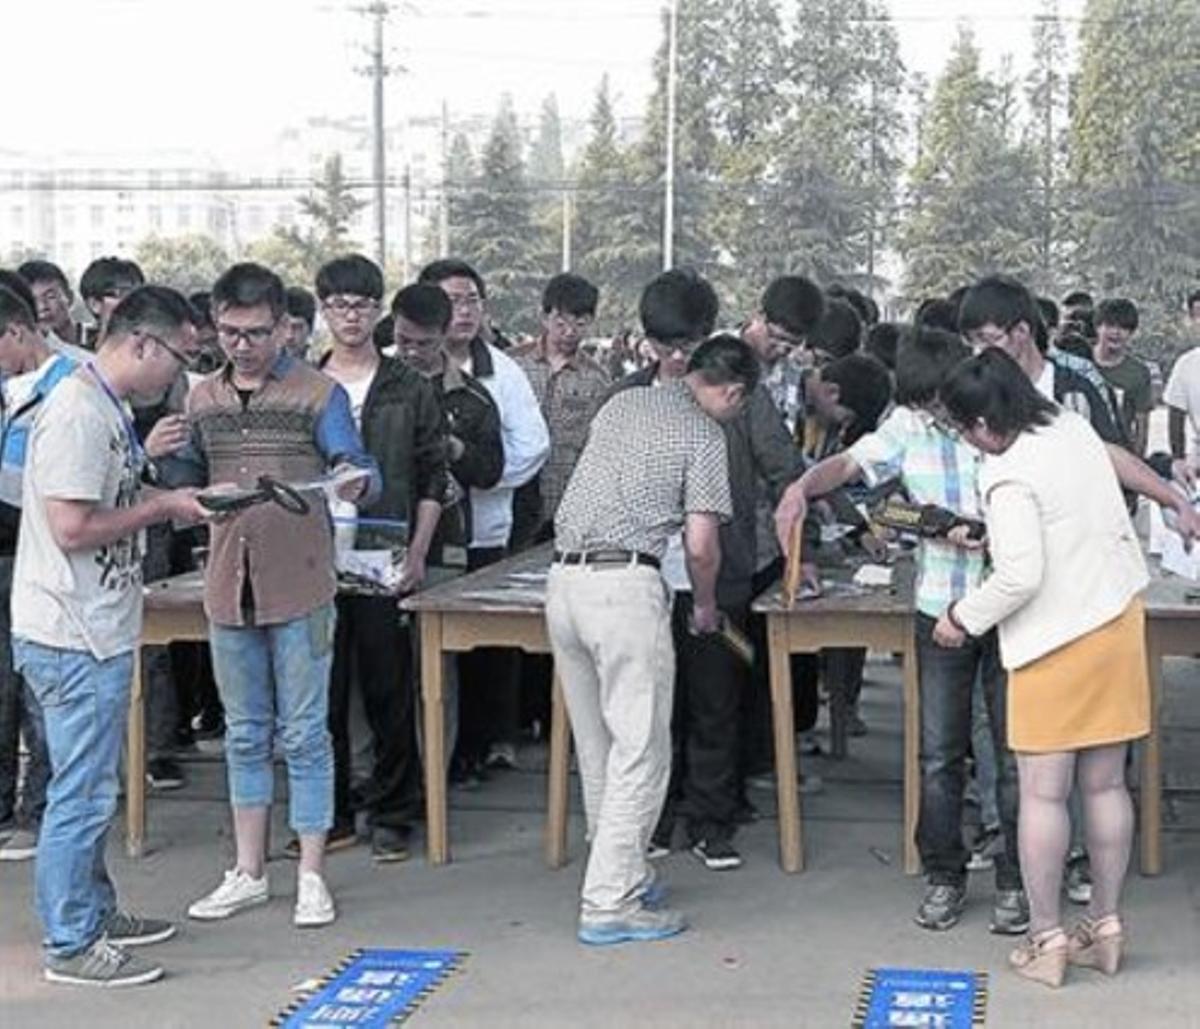 Vigilancia . Control de seguridad a alumnos antes del 'gaokao' (selectividad), en Ganyu (China).